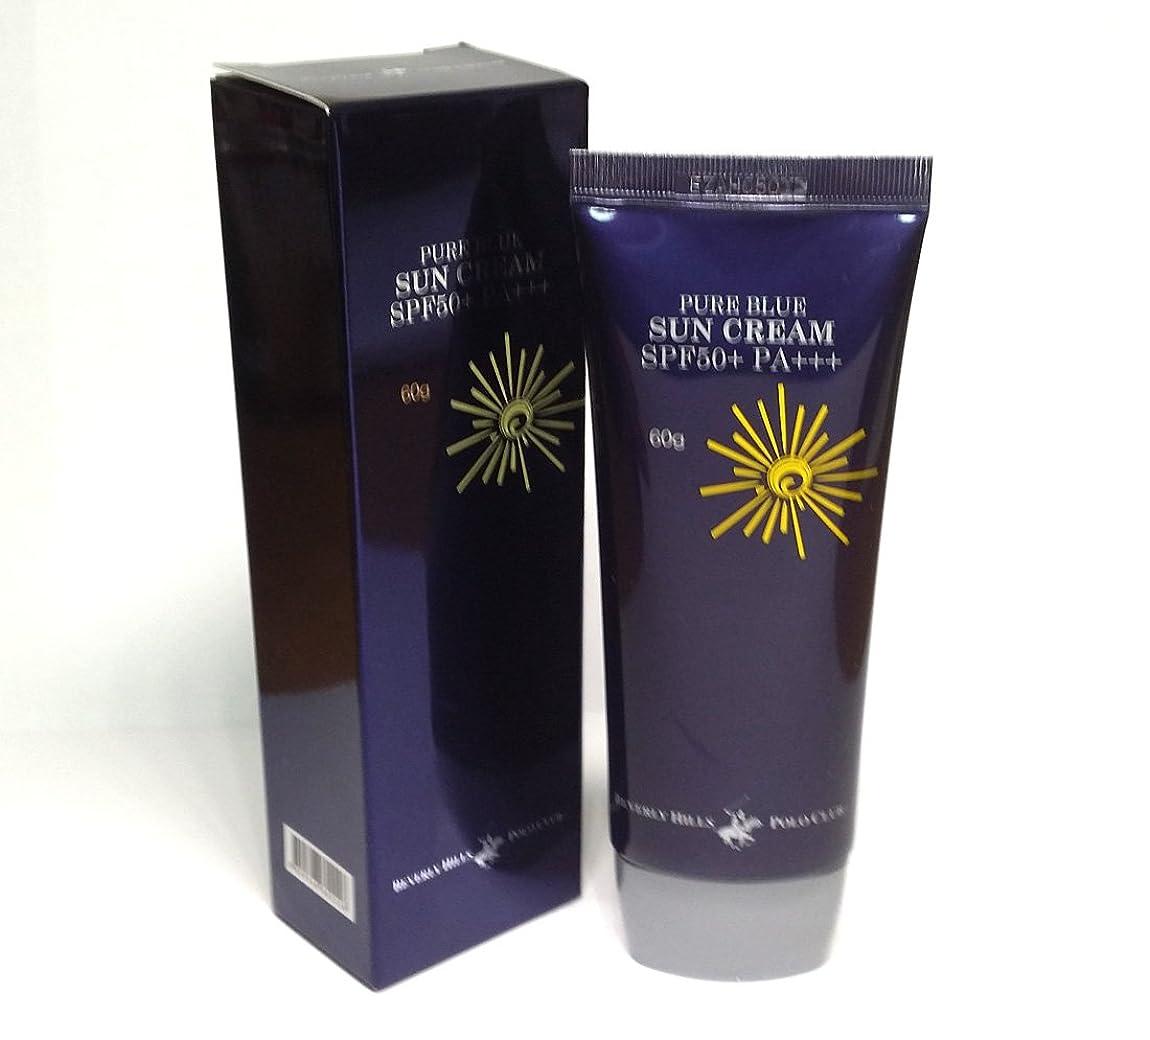 アンケート分割長さ[BEVERLY HILLS POLO CLUB] ピュアブルーサンクリームSPF50 + PA +++ 60g X 1ea / 韓国化粧品 / Pure Blue Sun Cream SPF50+ PA+++ 60g X 1ea / Korean Cosmetics [並行輸入品]